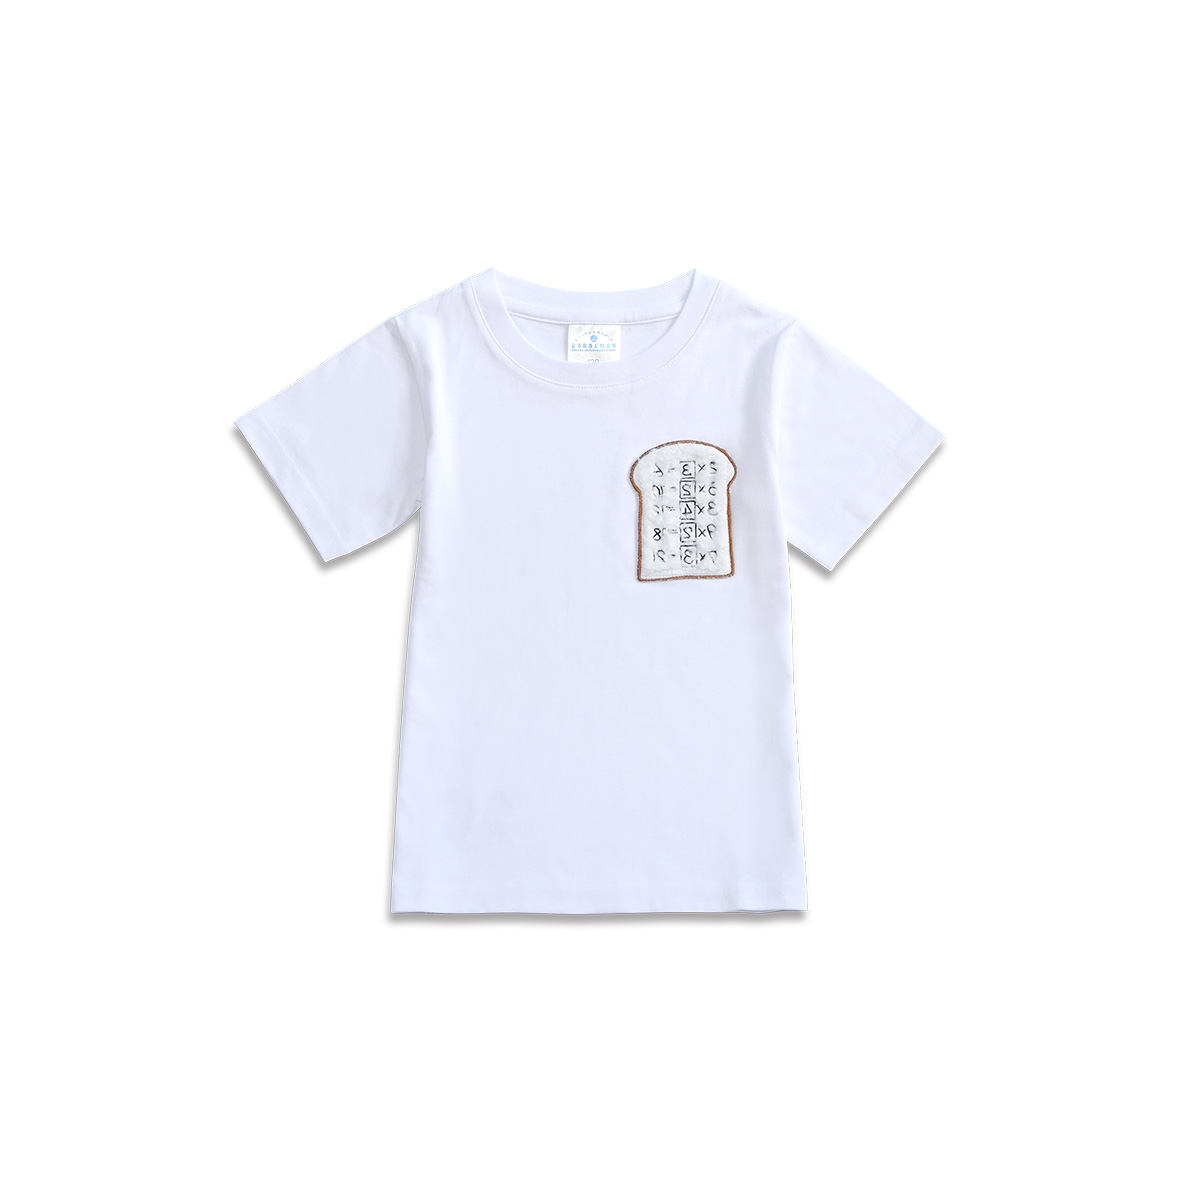 ドラえもん ポケットTシャツ アンキパン 120